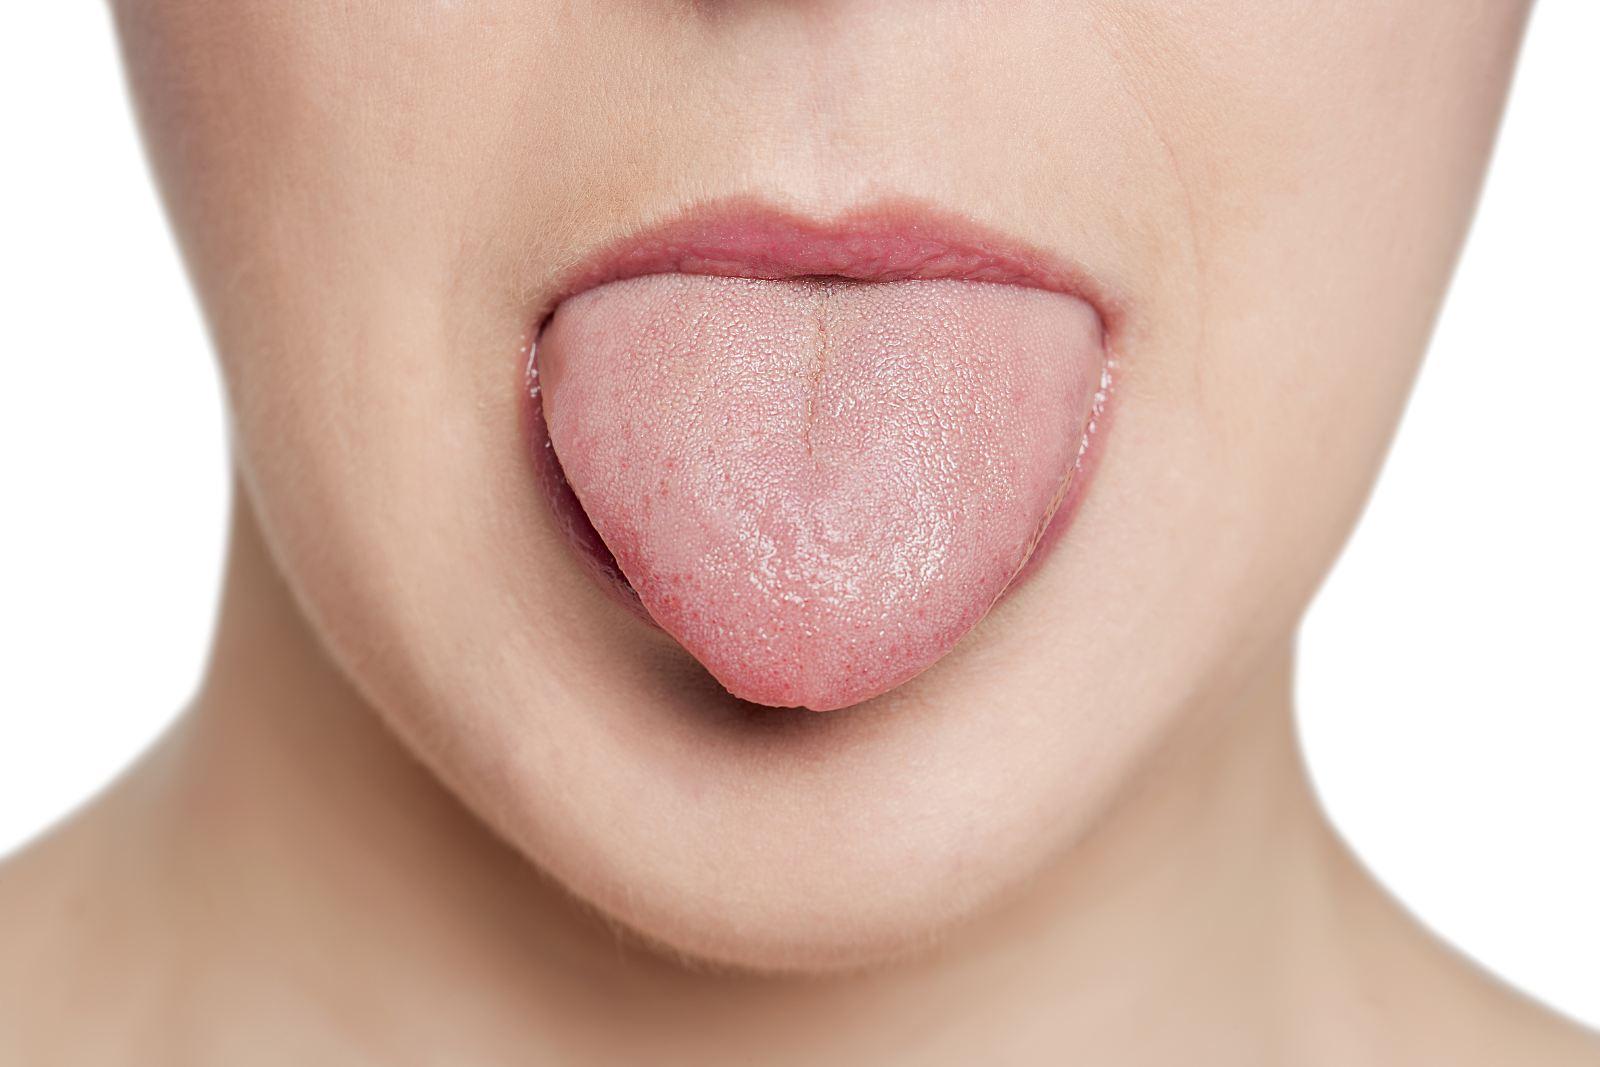 Симптомы и лечение лейкоплакии полости рта